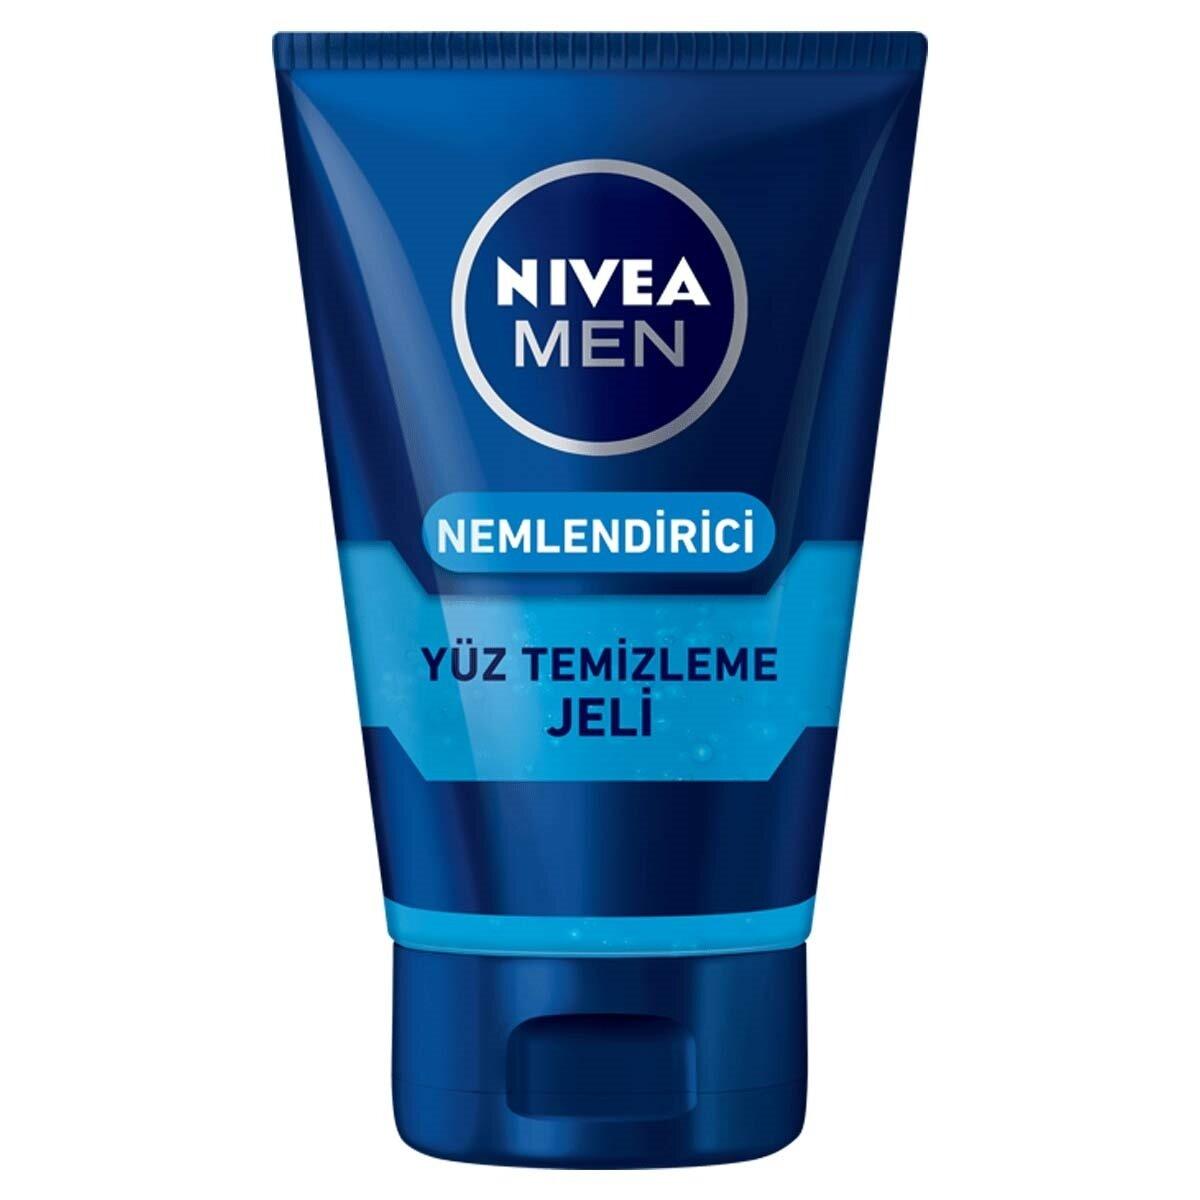 Erkek Yüz Temizleme Jeli 100 ml